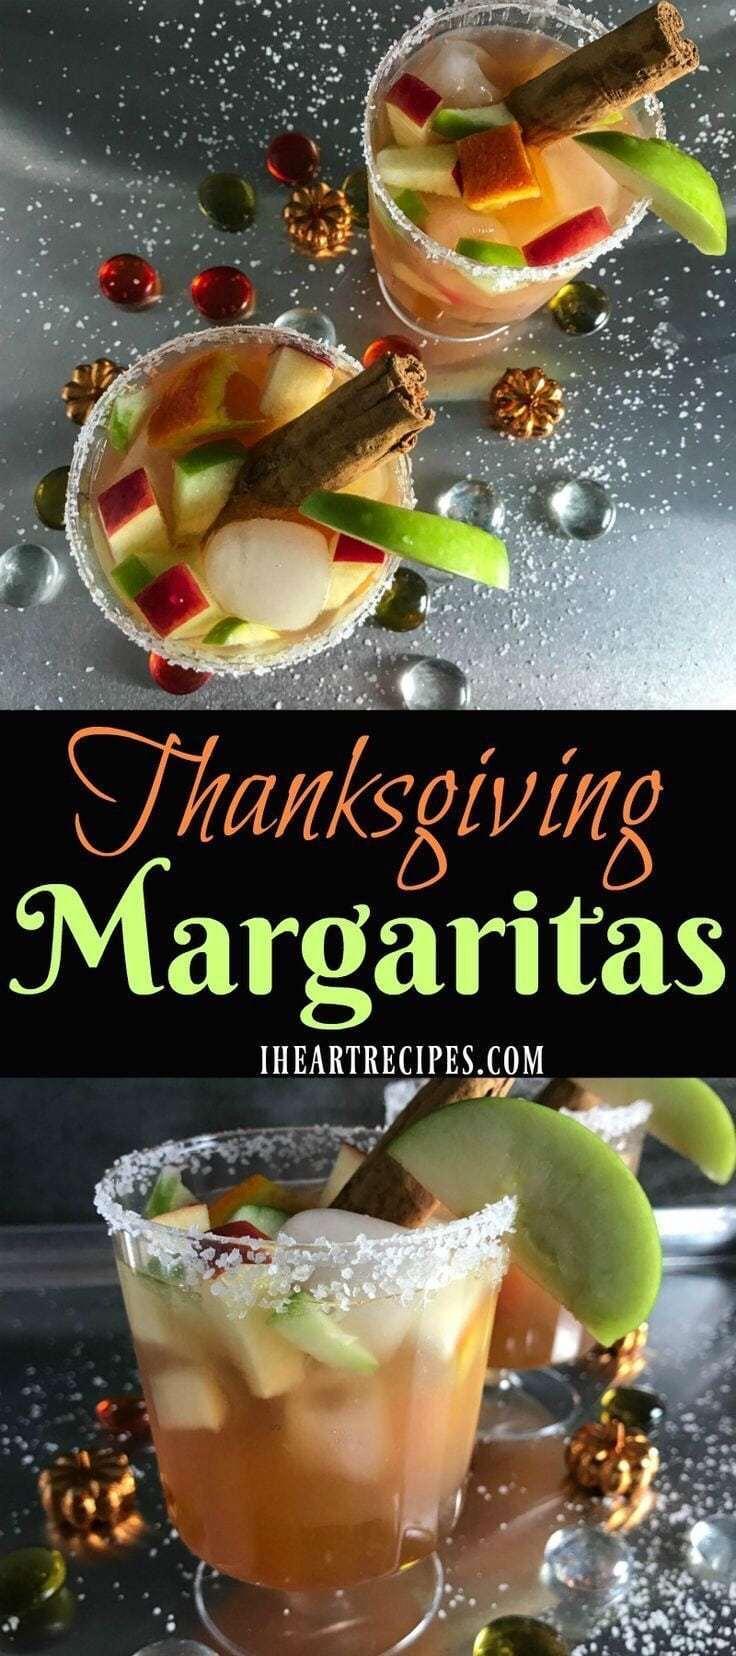 Thanksgiving Margaritas